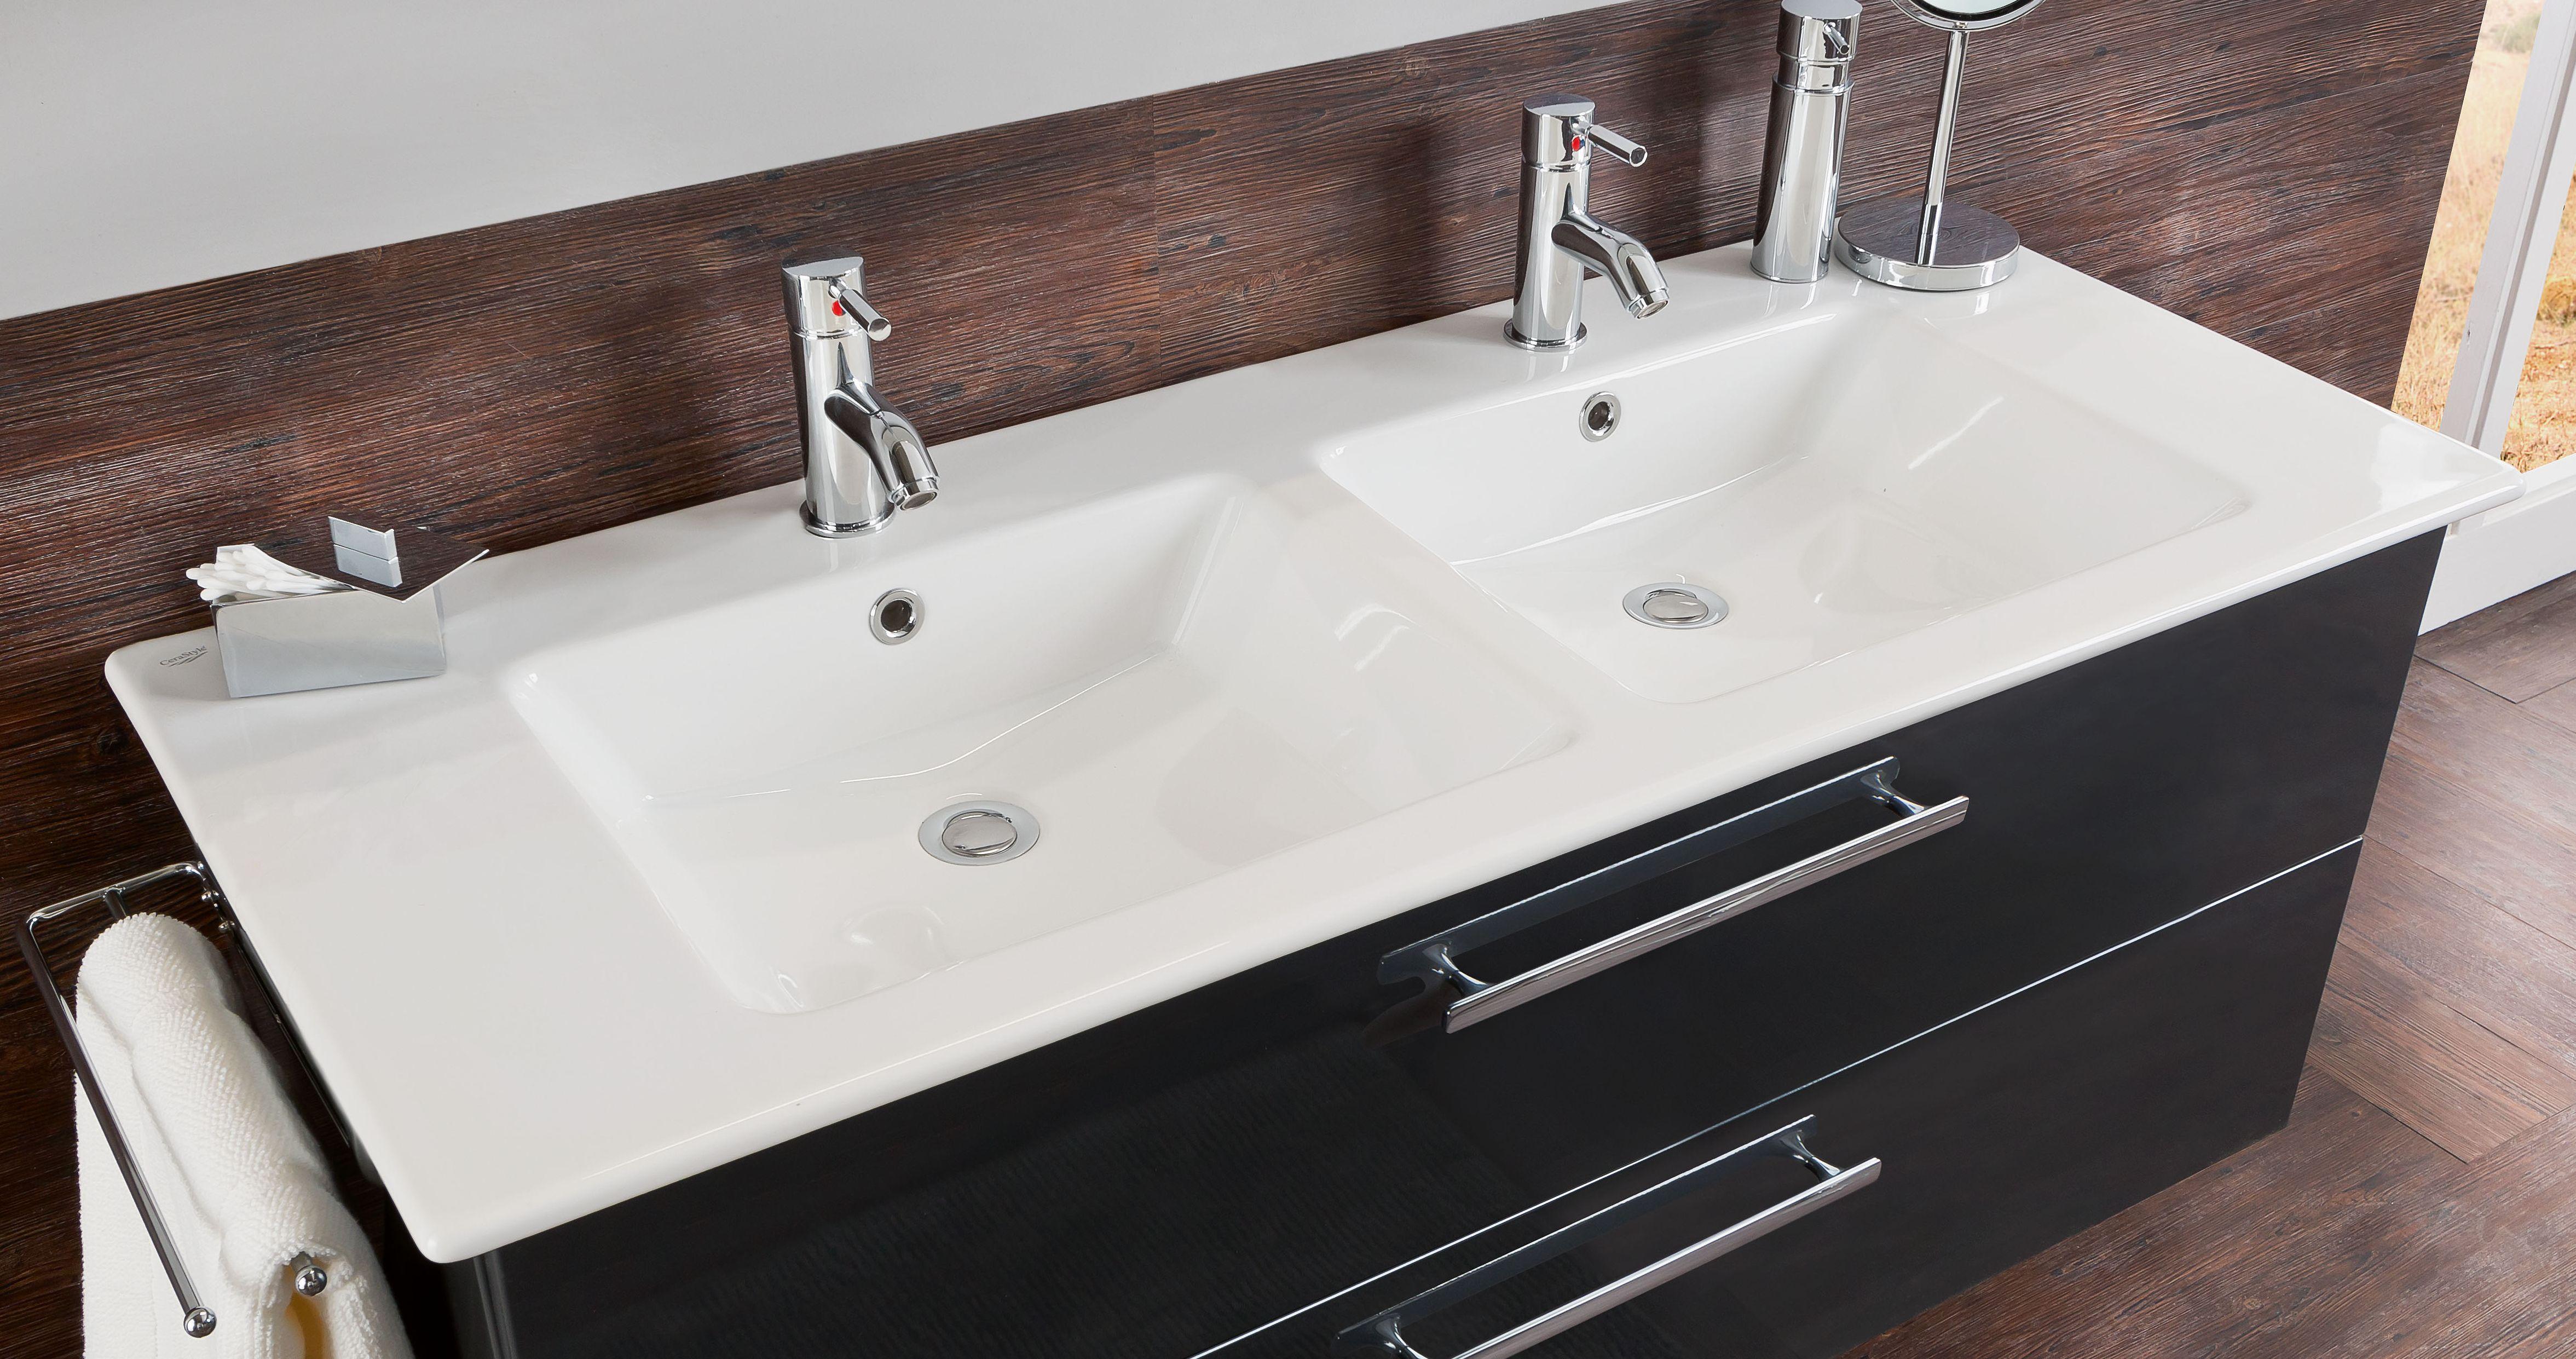 Plan De Toilette Salle De Bain marlin christall set-meubles de salle de bain avec armoire de toilette y  compris �clairage led, 120 cm